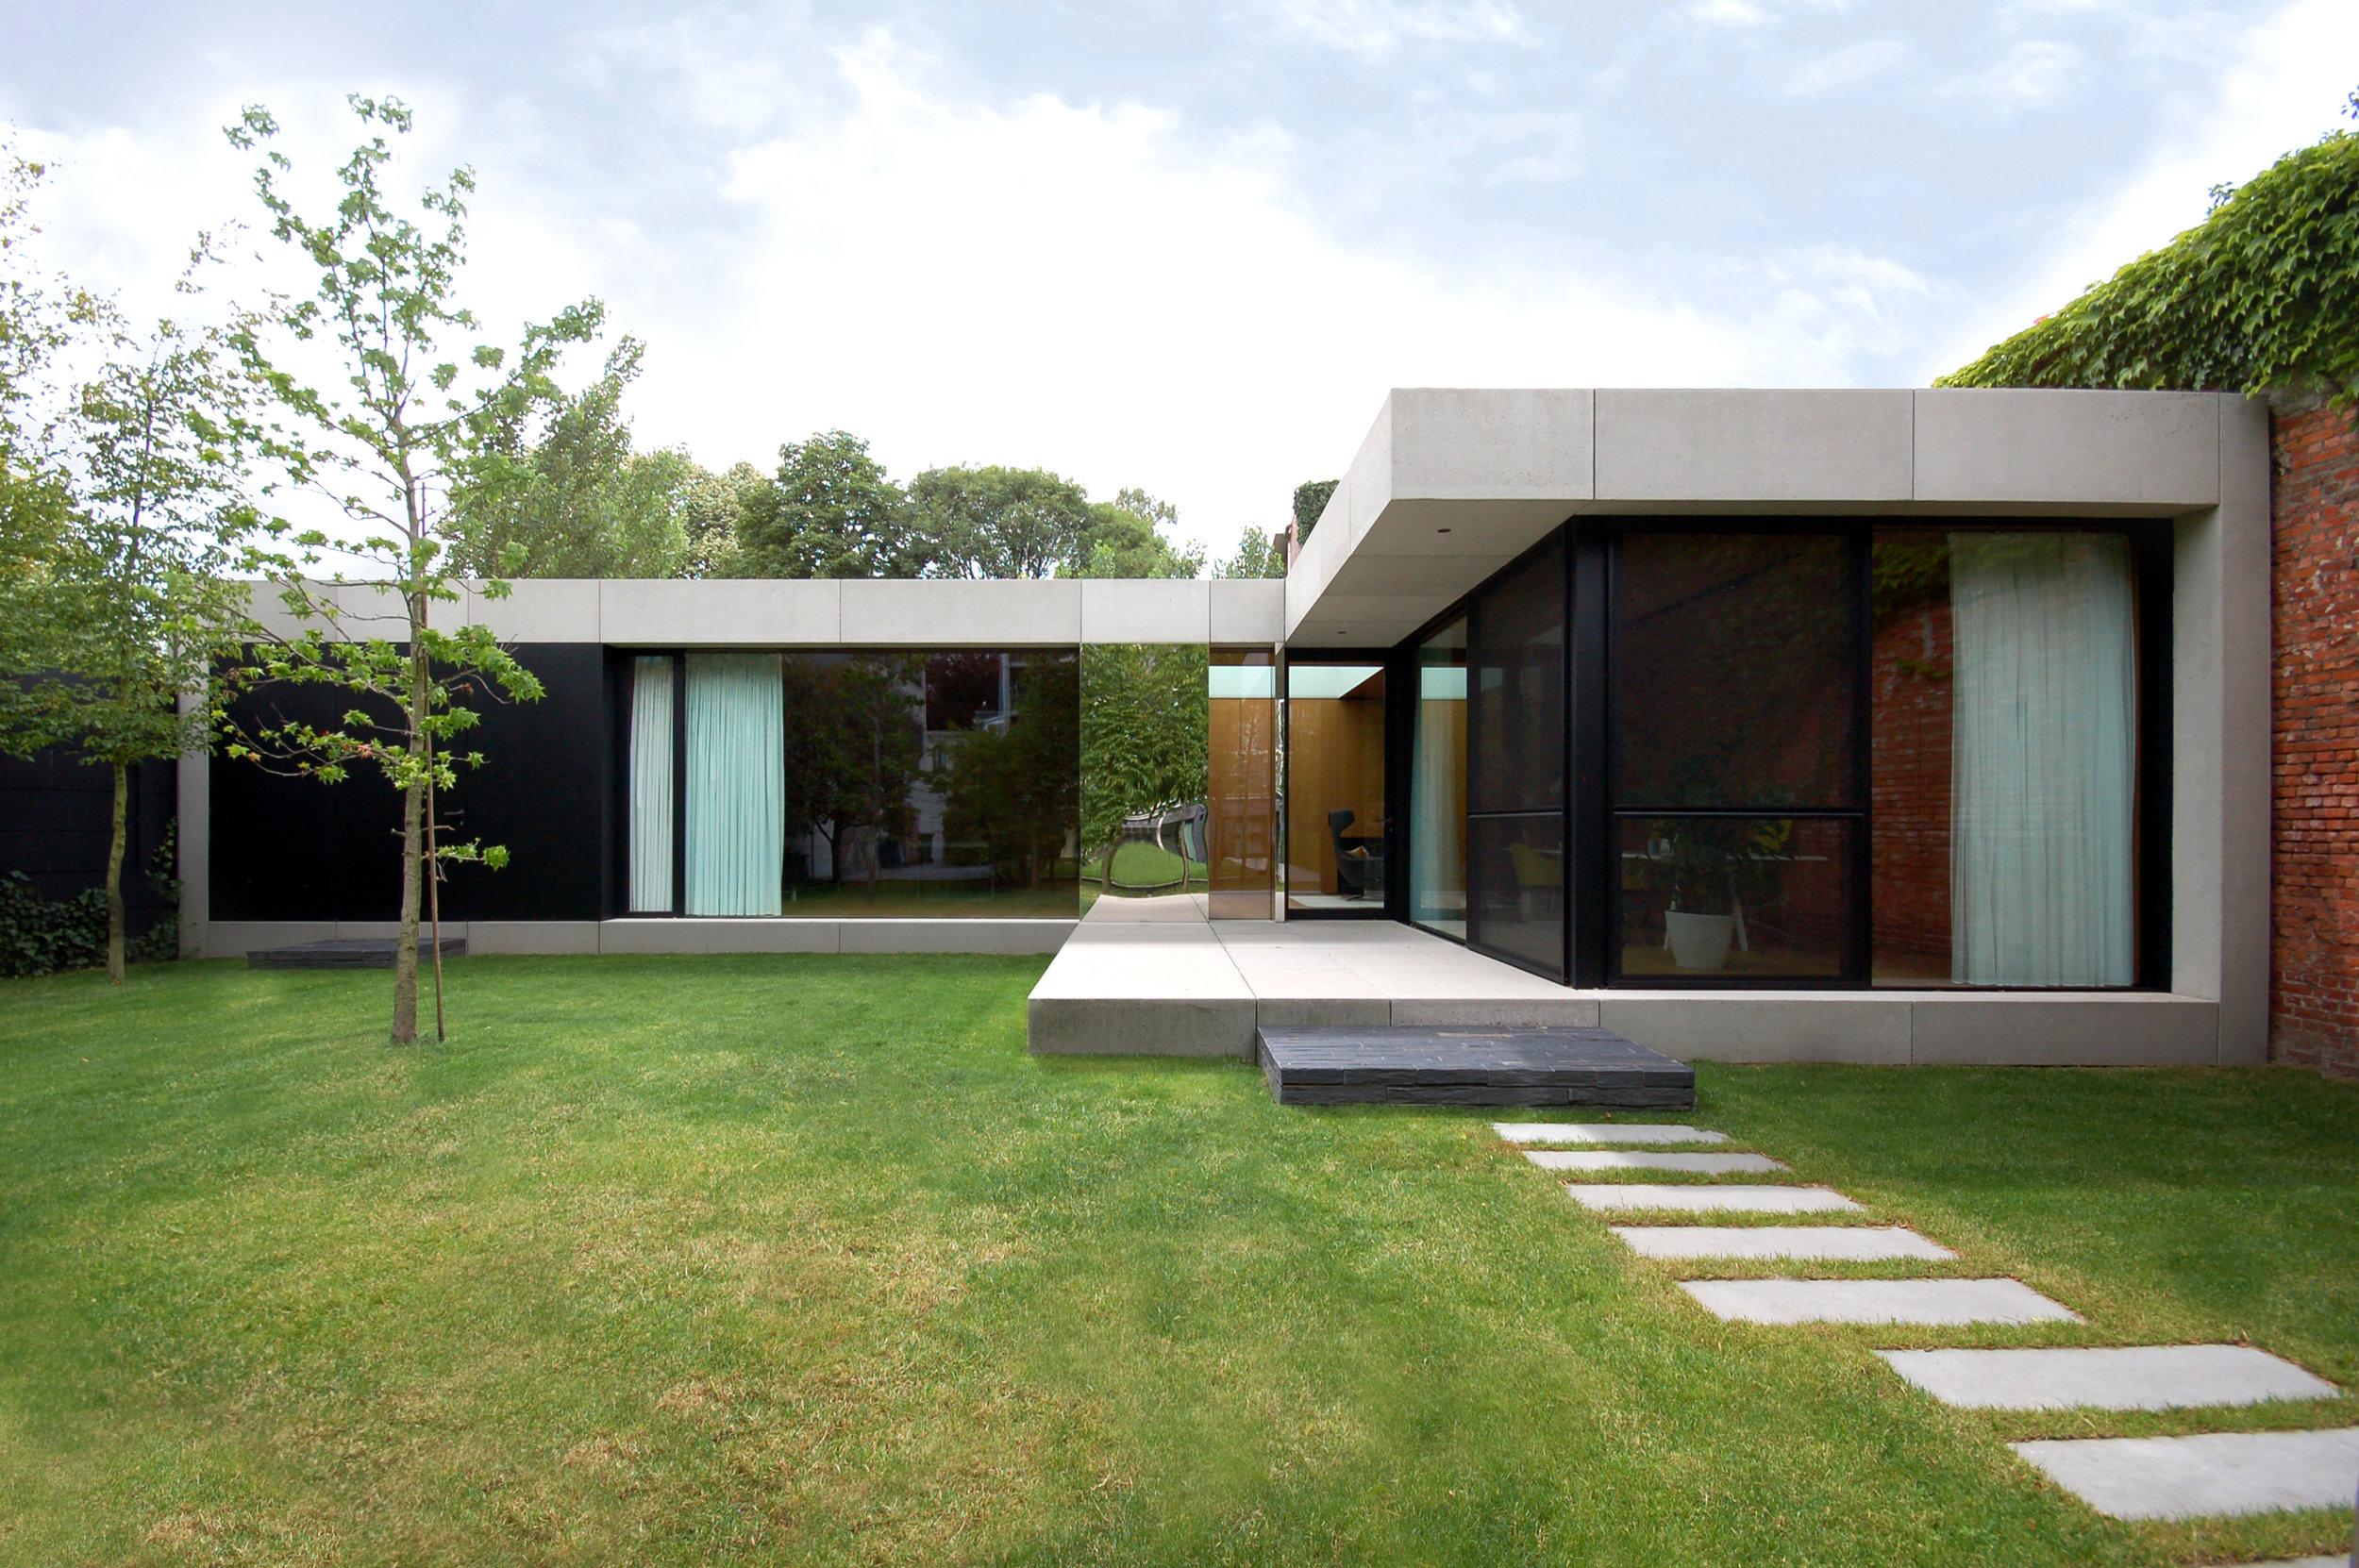 demeestervliegen-architecture-interior-interiorarchitecture-office10.jpg